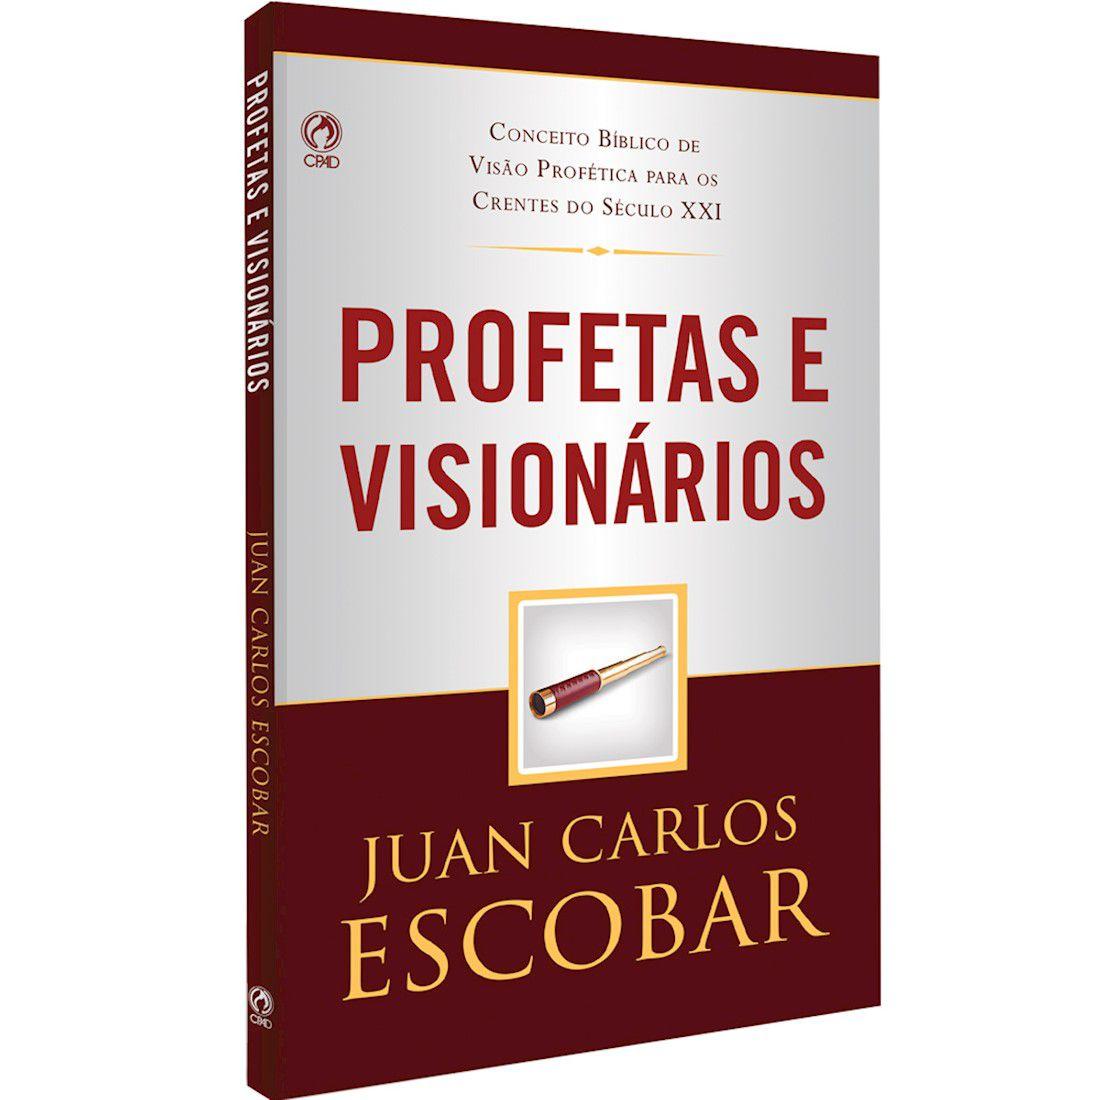 Livro Profetas e Visionários